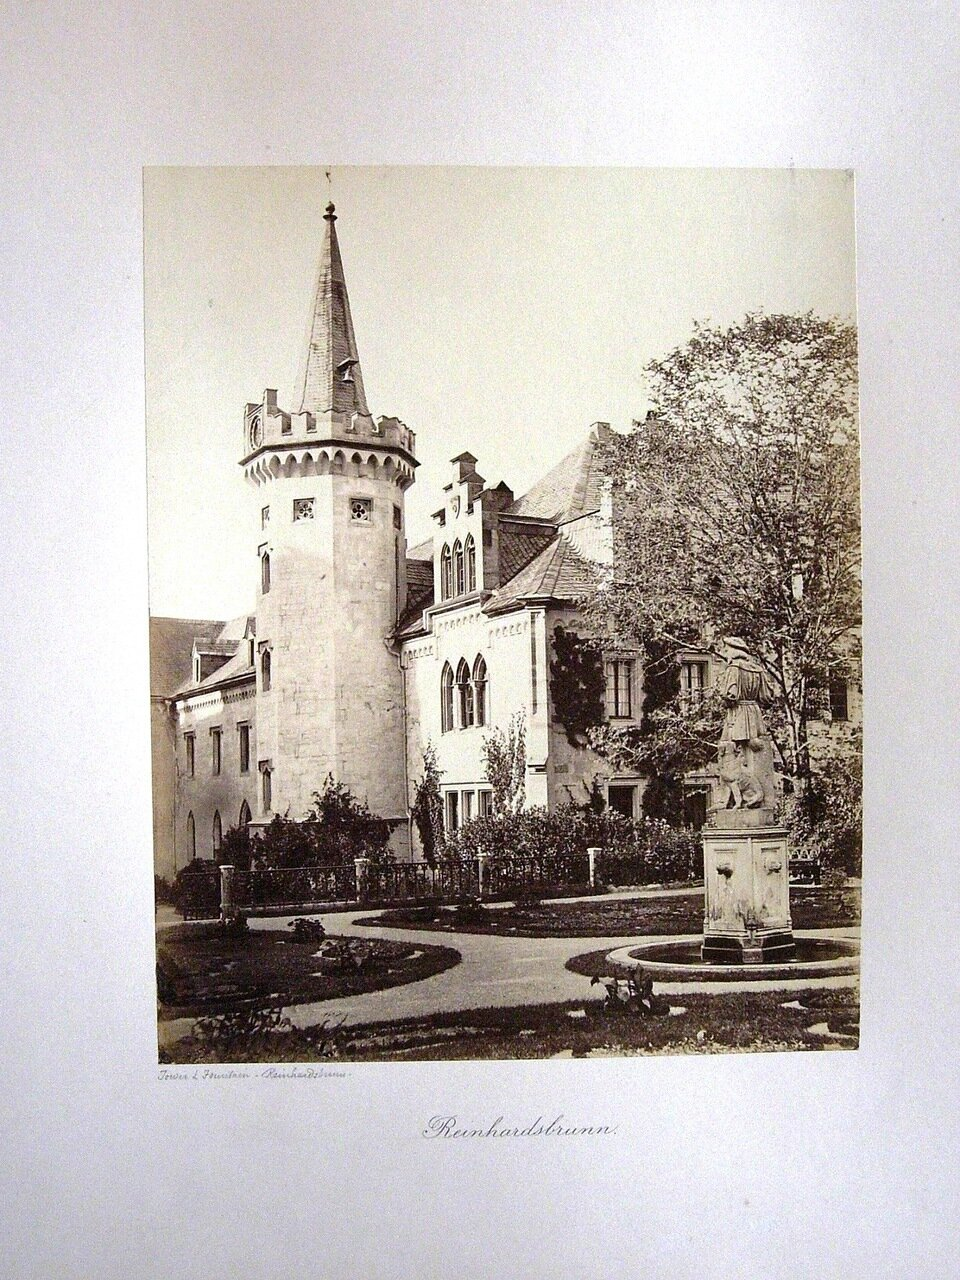 Reinhardsbrunn. [Photographs of Gotha, 1858. ]